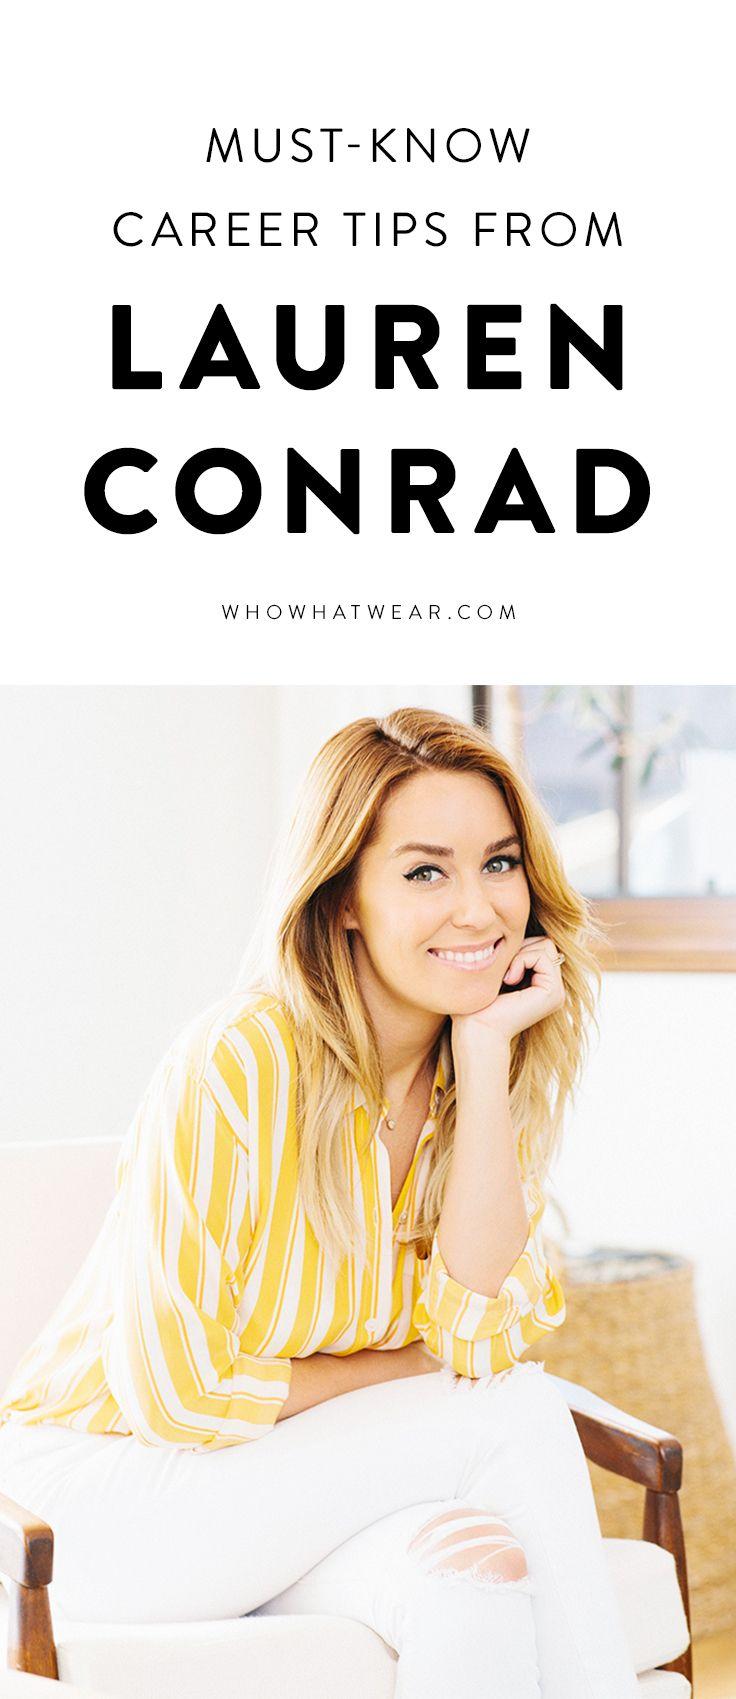 Career Code: Lauren Conrads Smart Work Tips Will Get You Ahead